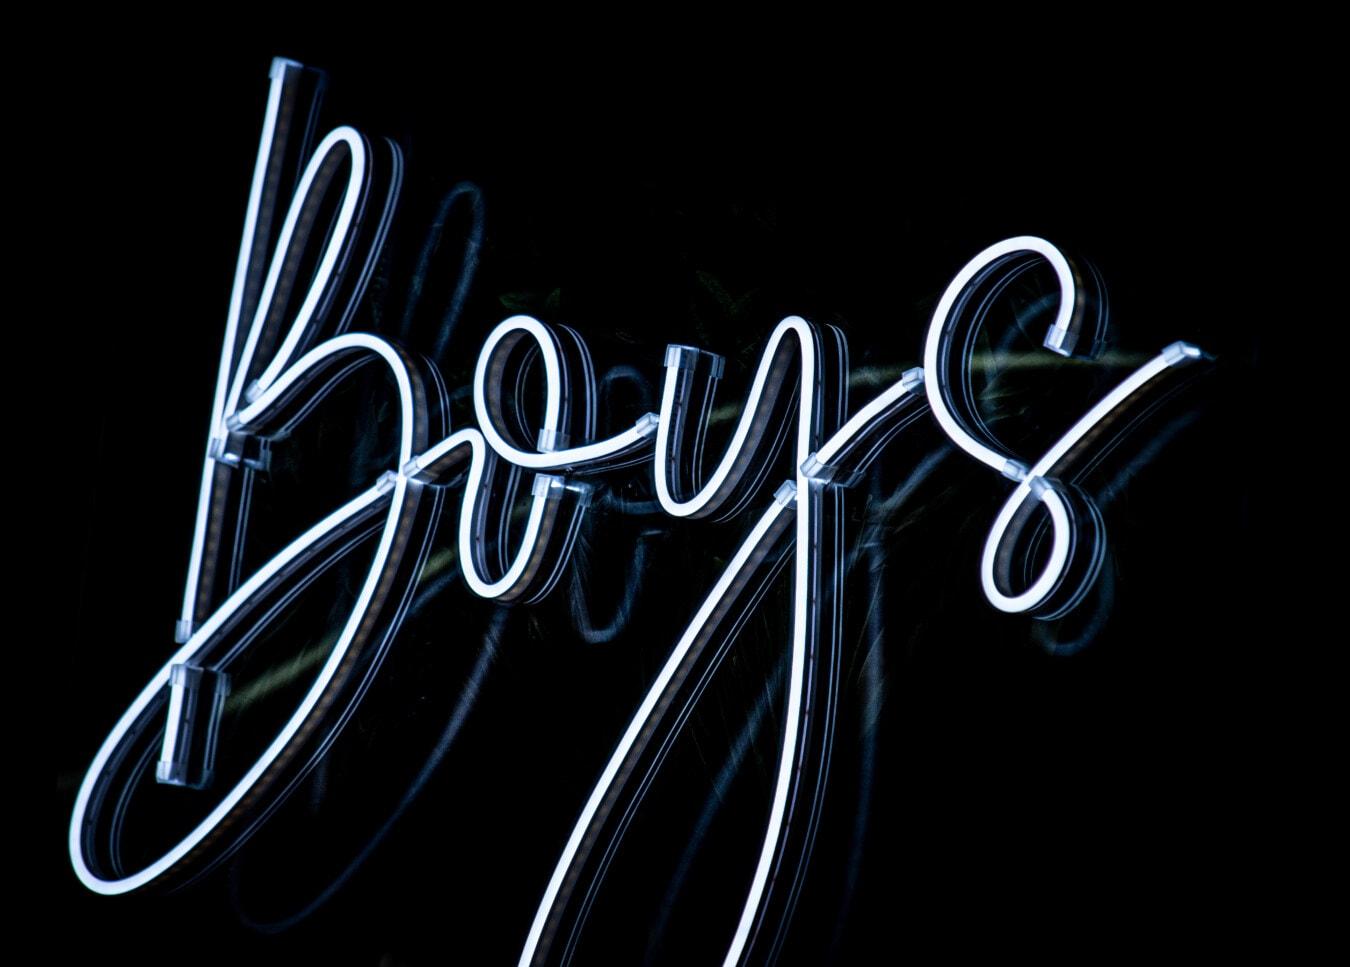 Licht, Zeichen, Neon, jungen, Symbol, futuristisch, Hintergrund, Schwarz, Dunkel, Typografie